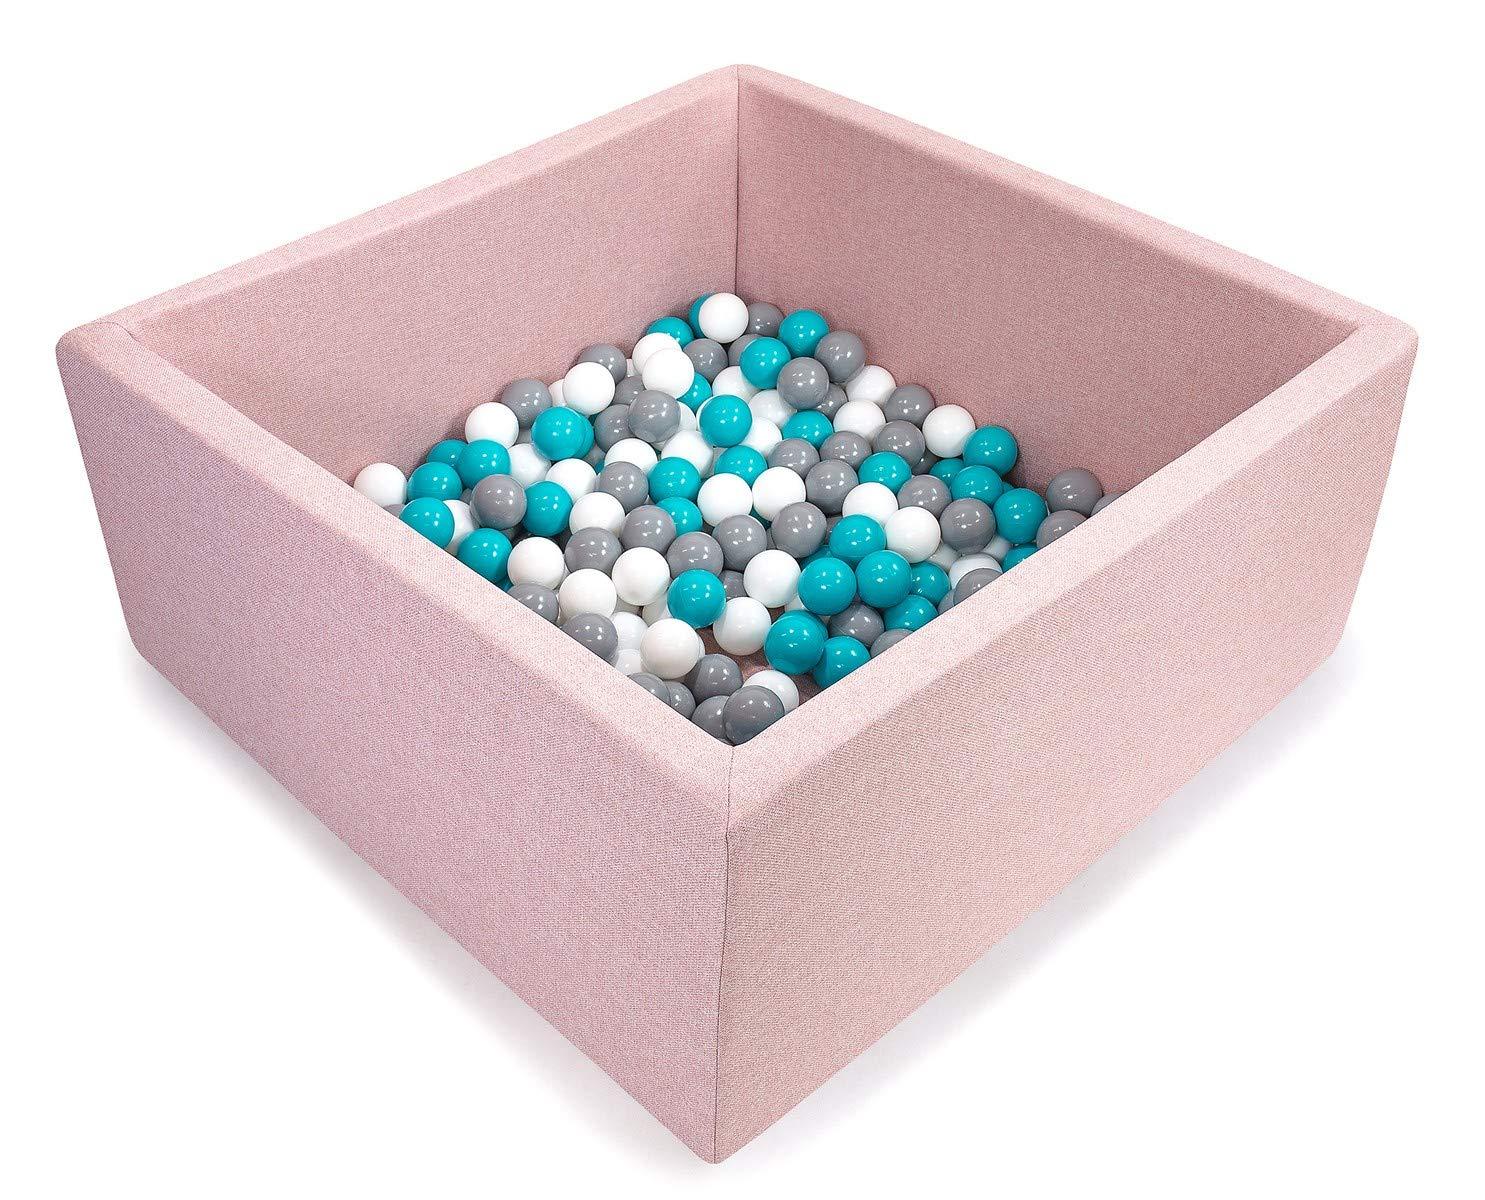 Piscine Rose Bébé  Blanc, gris, Turquoise  Tweepsy Bébé Piscine A Balles pour Enfants Bambin 250 Balles 90x90X40cm - Fabriqué en EU - BKWZ1N - Piscine Noire  Transparent, Rose Clair, Perle